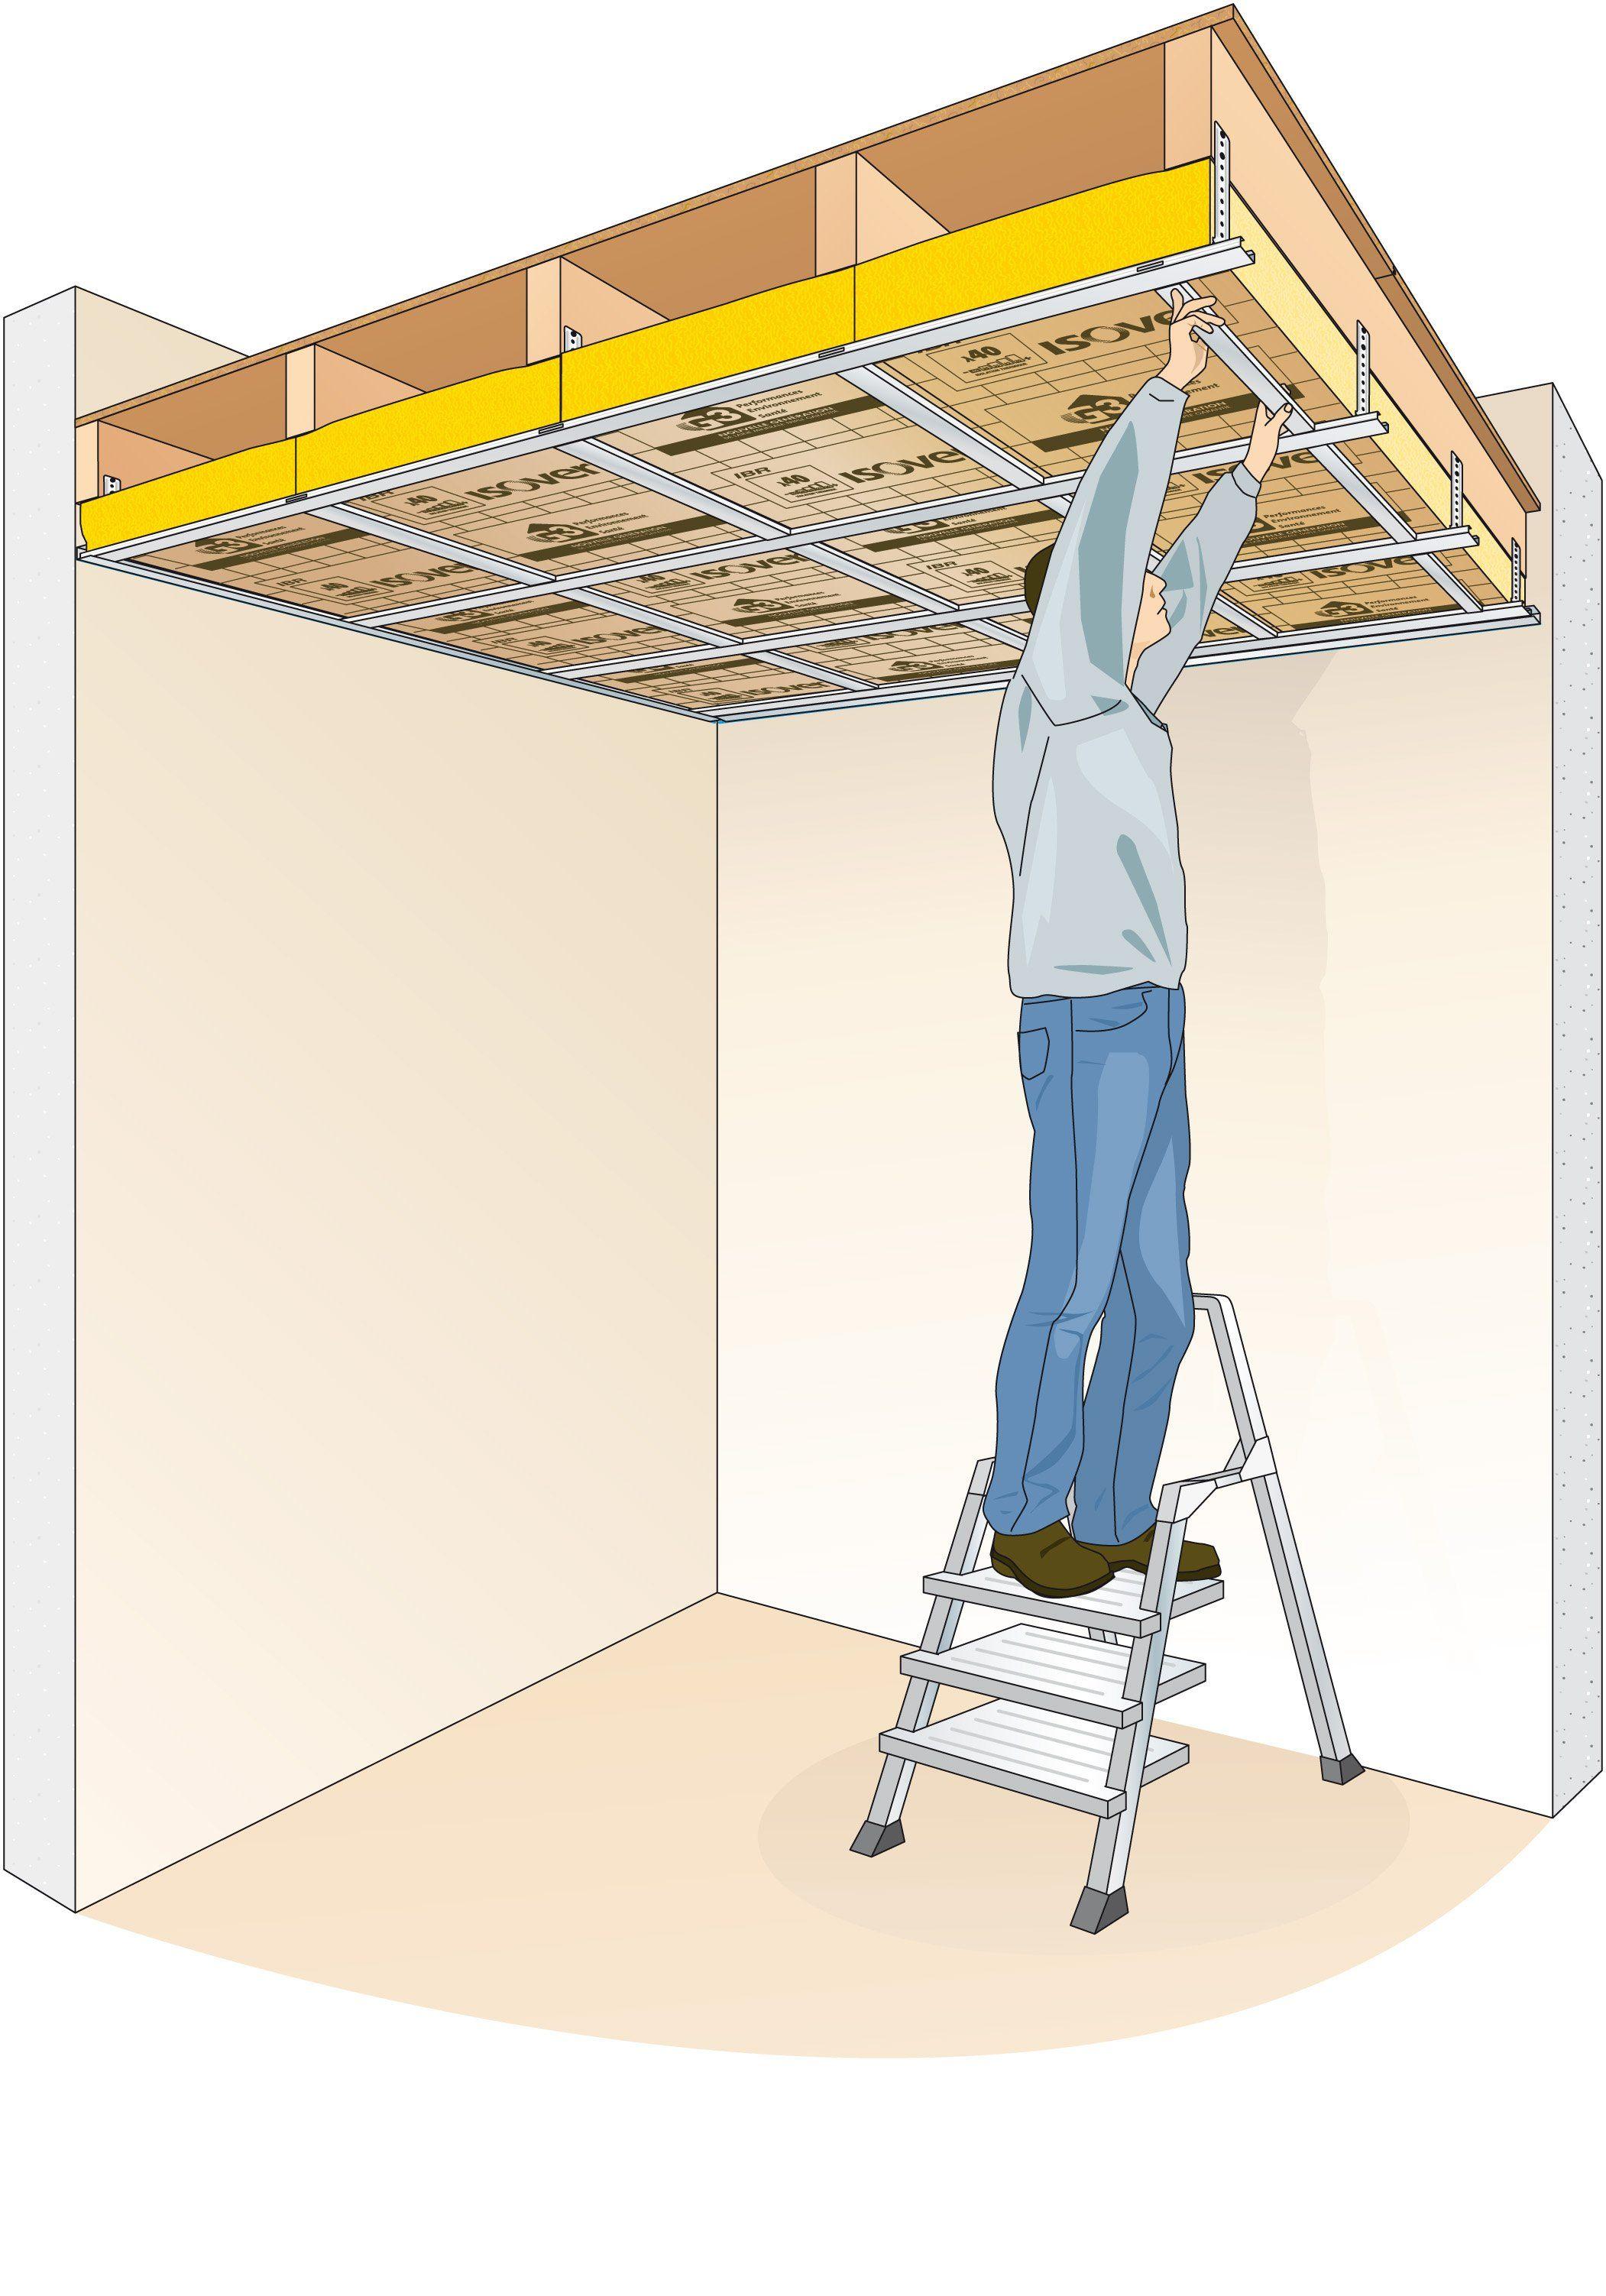 Comment Realiser La Pose D Un Plafond Placo Decouvrez La Mise En œuvre Du Plafond Prf Stil F530 Caracteristiques Video Placo Plafond Isolation Plafond